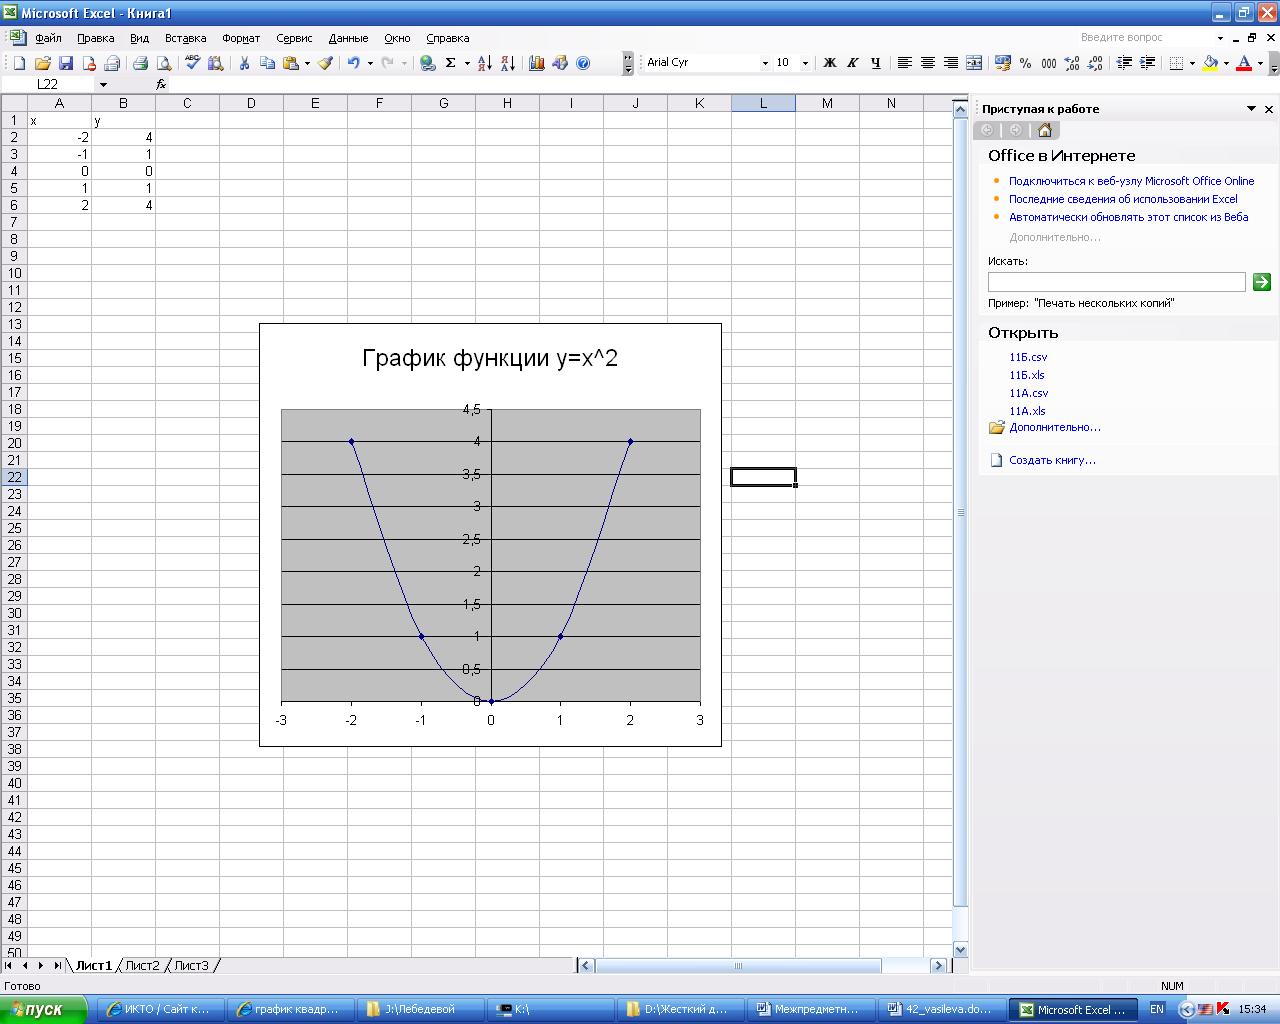 как настроить данные диаграммы в программе excel